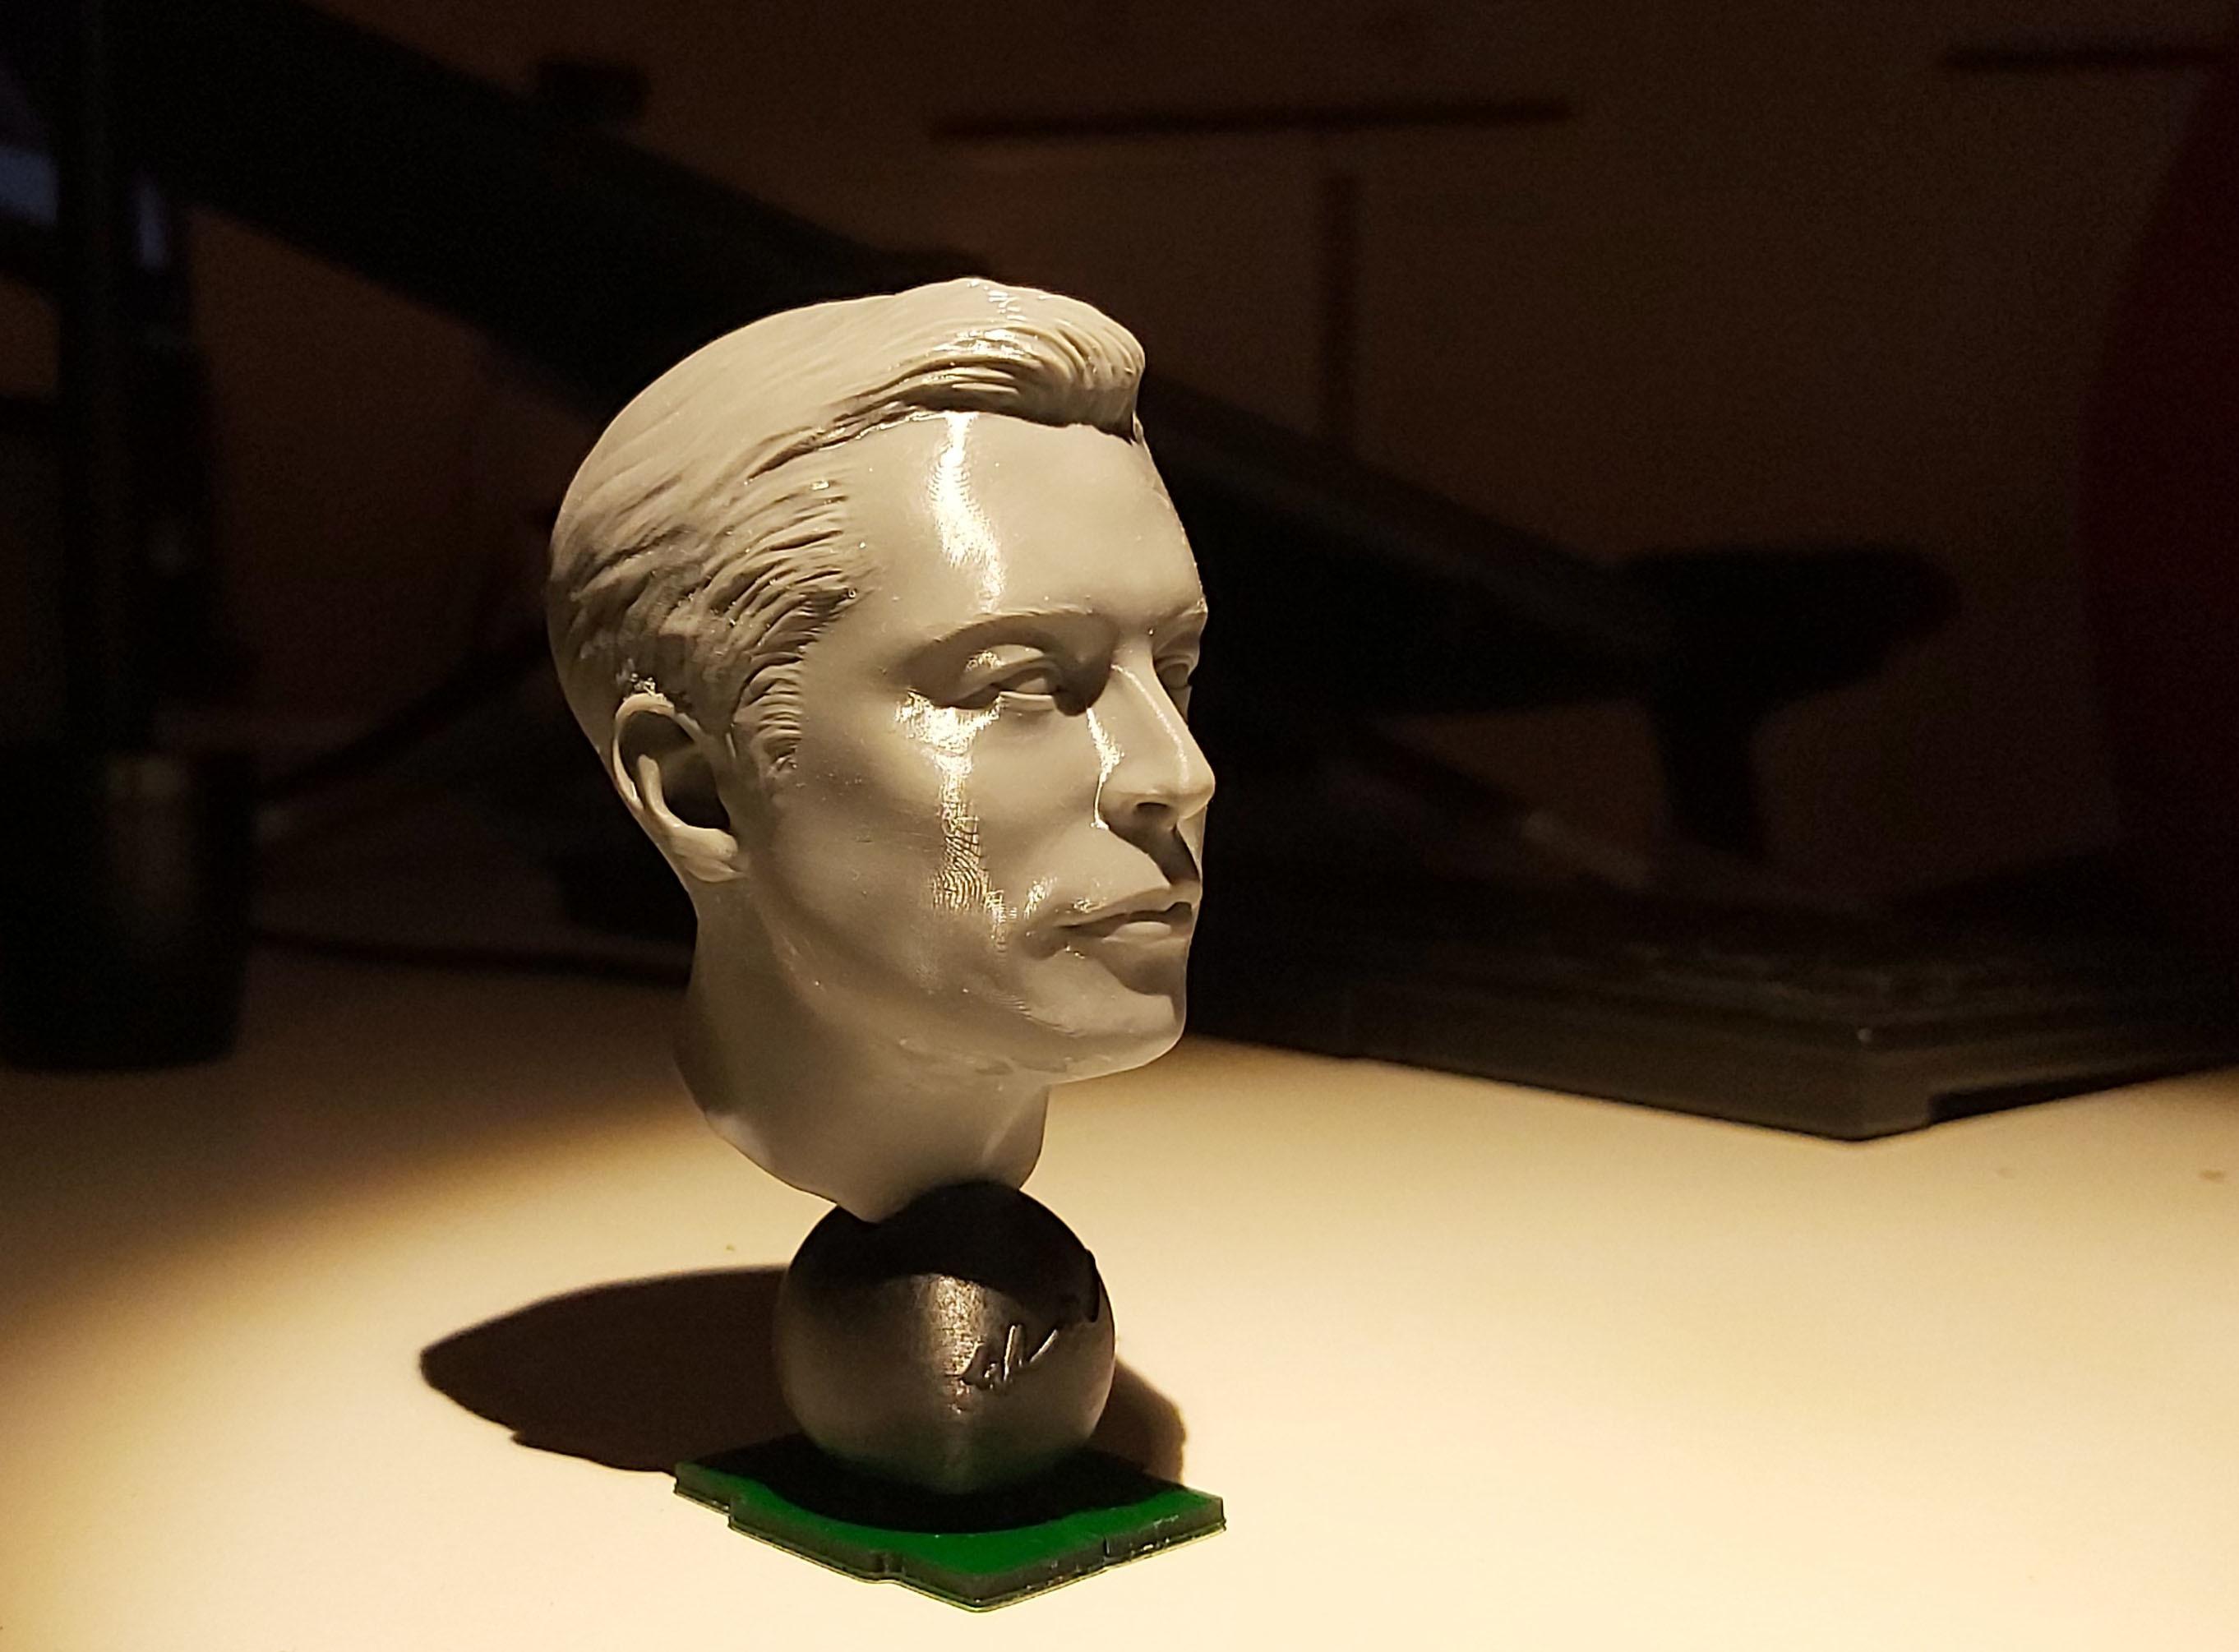 20191220_193624.jpg Télécharger fichier STL gratuit Musc Elon • Design imprimable en 3D, tutus